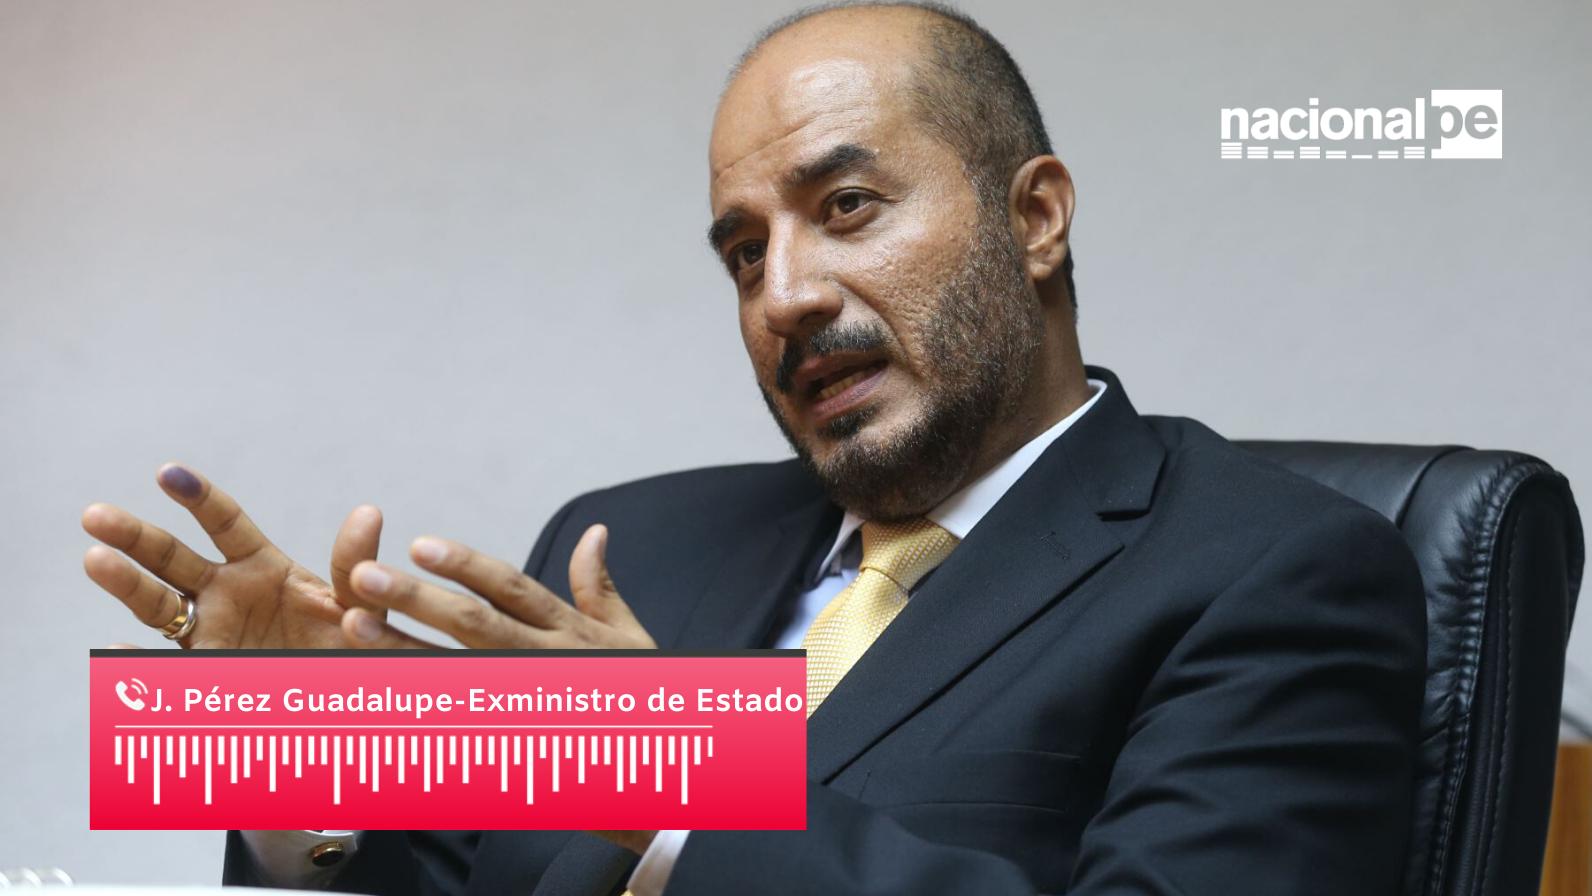 """Pérez Guadalupe: """"En elecciones, en las religiones no existe el voto confesional"""" - Radio Nacional del Perú"""